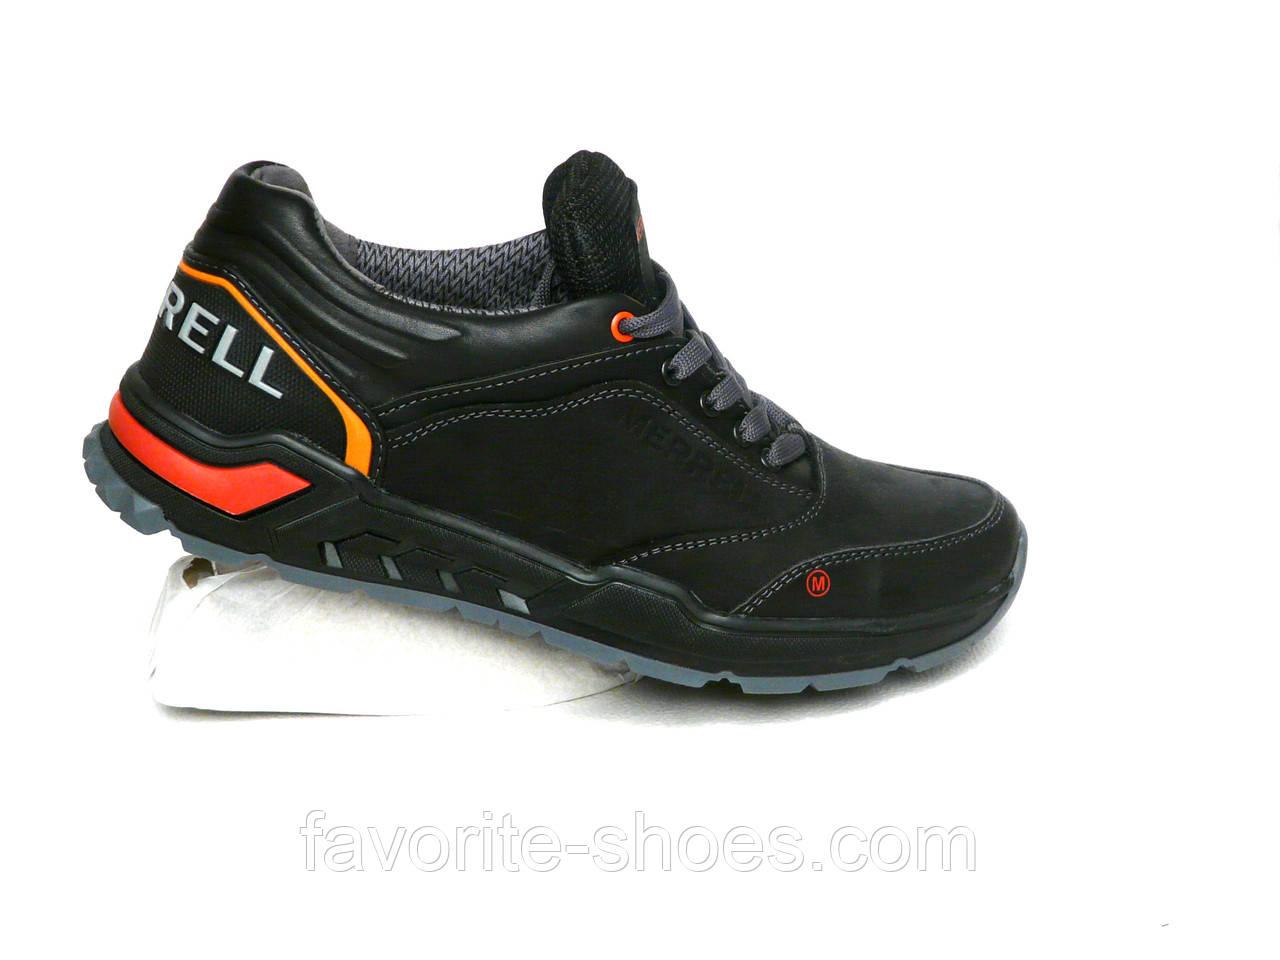 Кожаные мужские кроссовки MERRELL 40 размер - Интернет - магазин